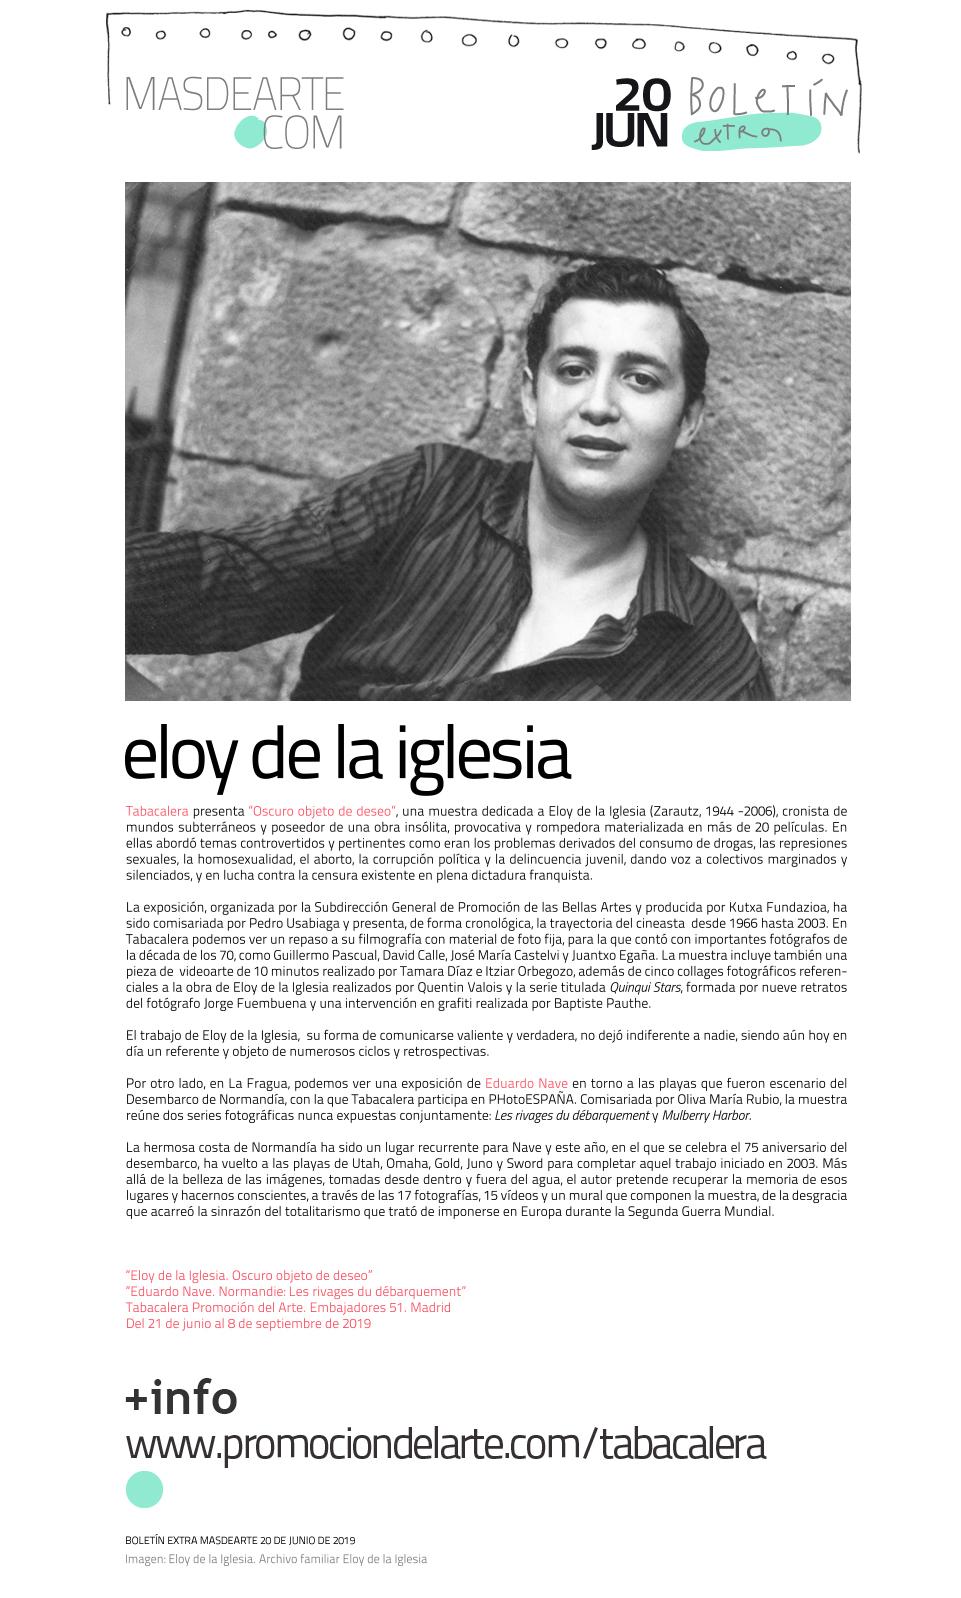 Extra masdearte: Eloy de la Iglesia y Eduardo Nave, nuevas exposiciones  en Tabacalera